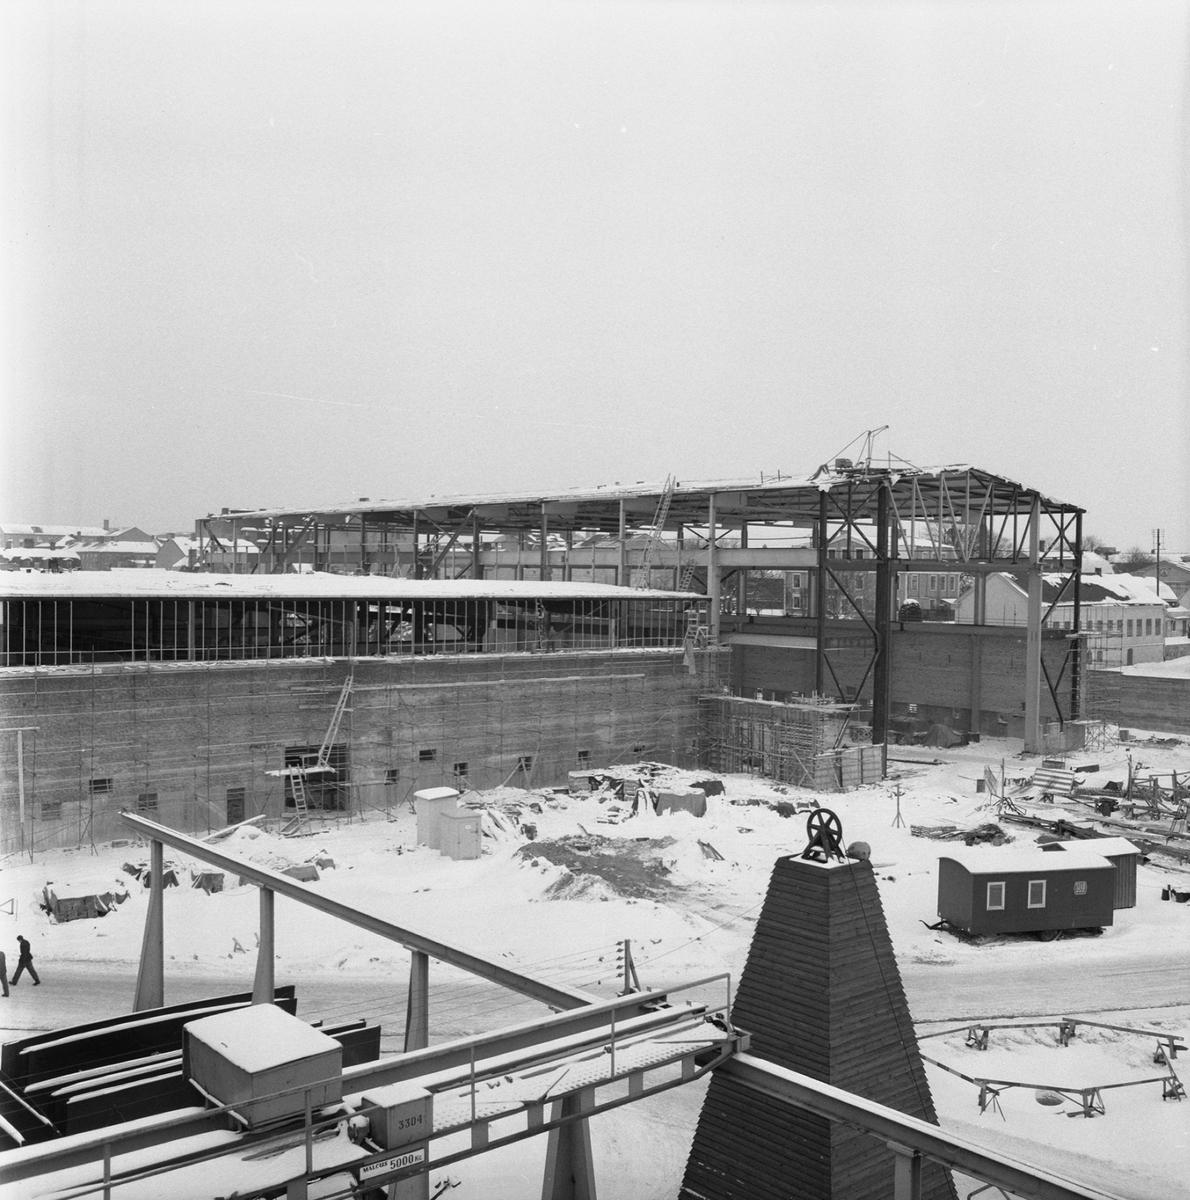 Övrigt: Fotodatum:8/2 1963. Byggnader och Kranar. Nyb. området nya plåtverkstan